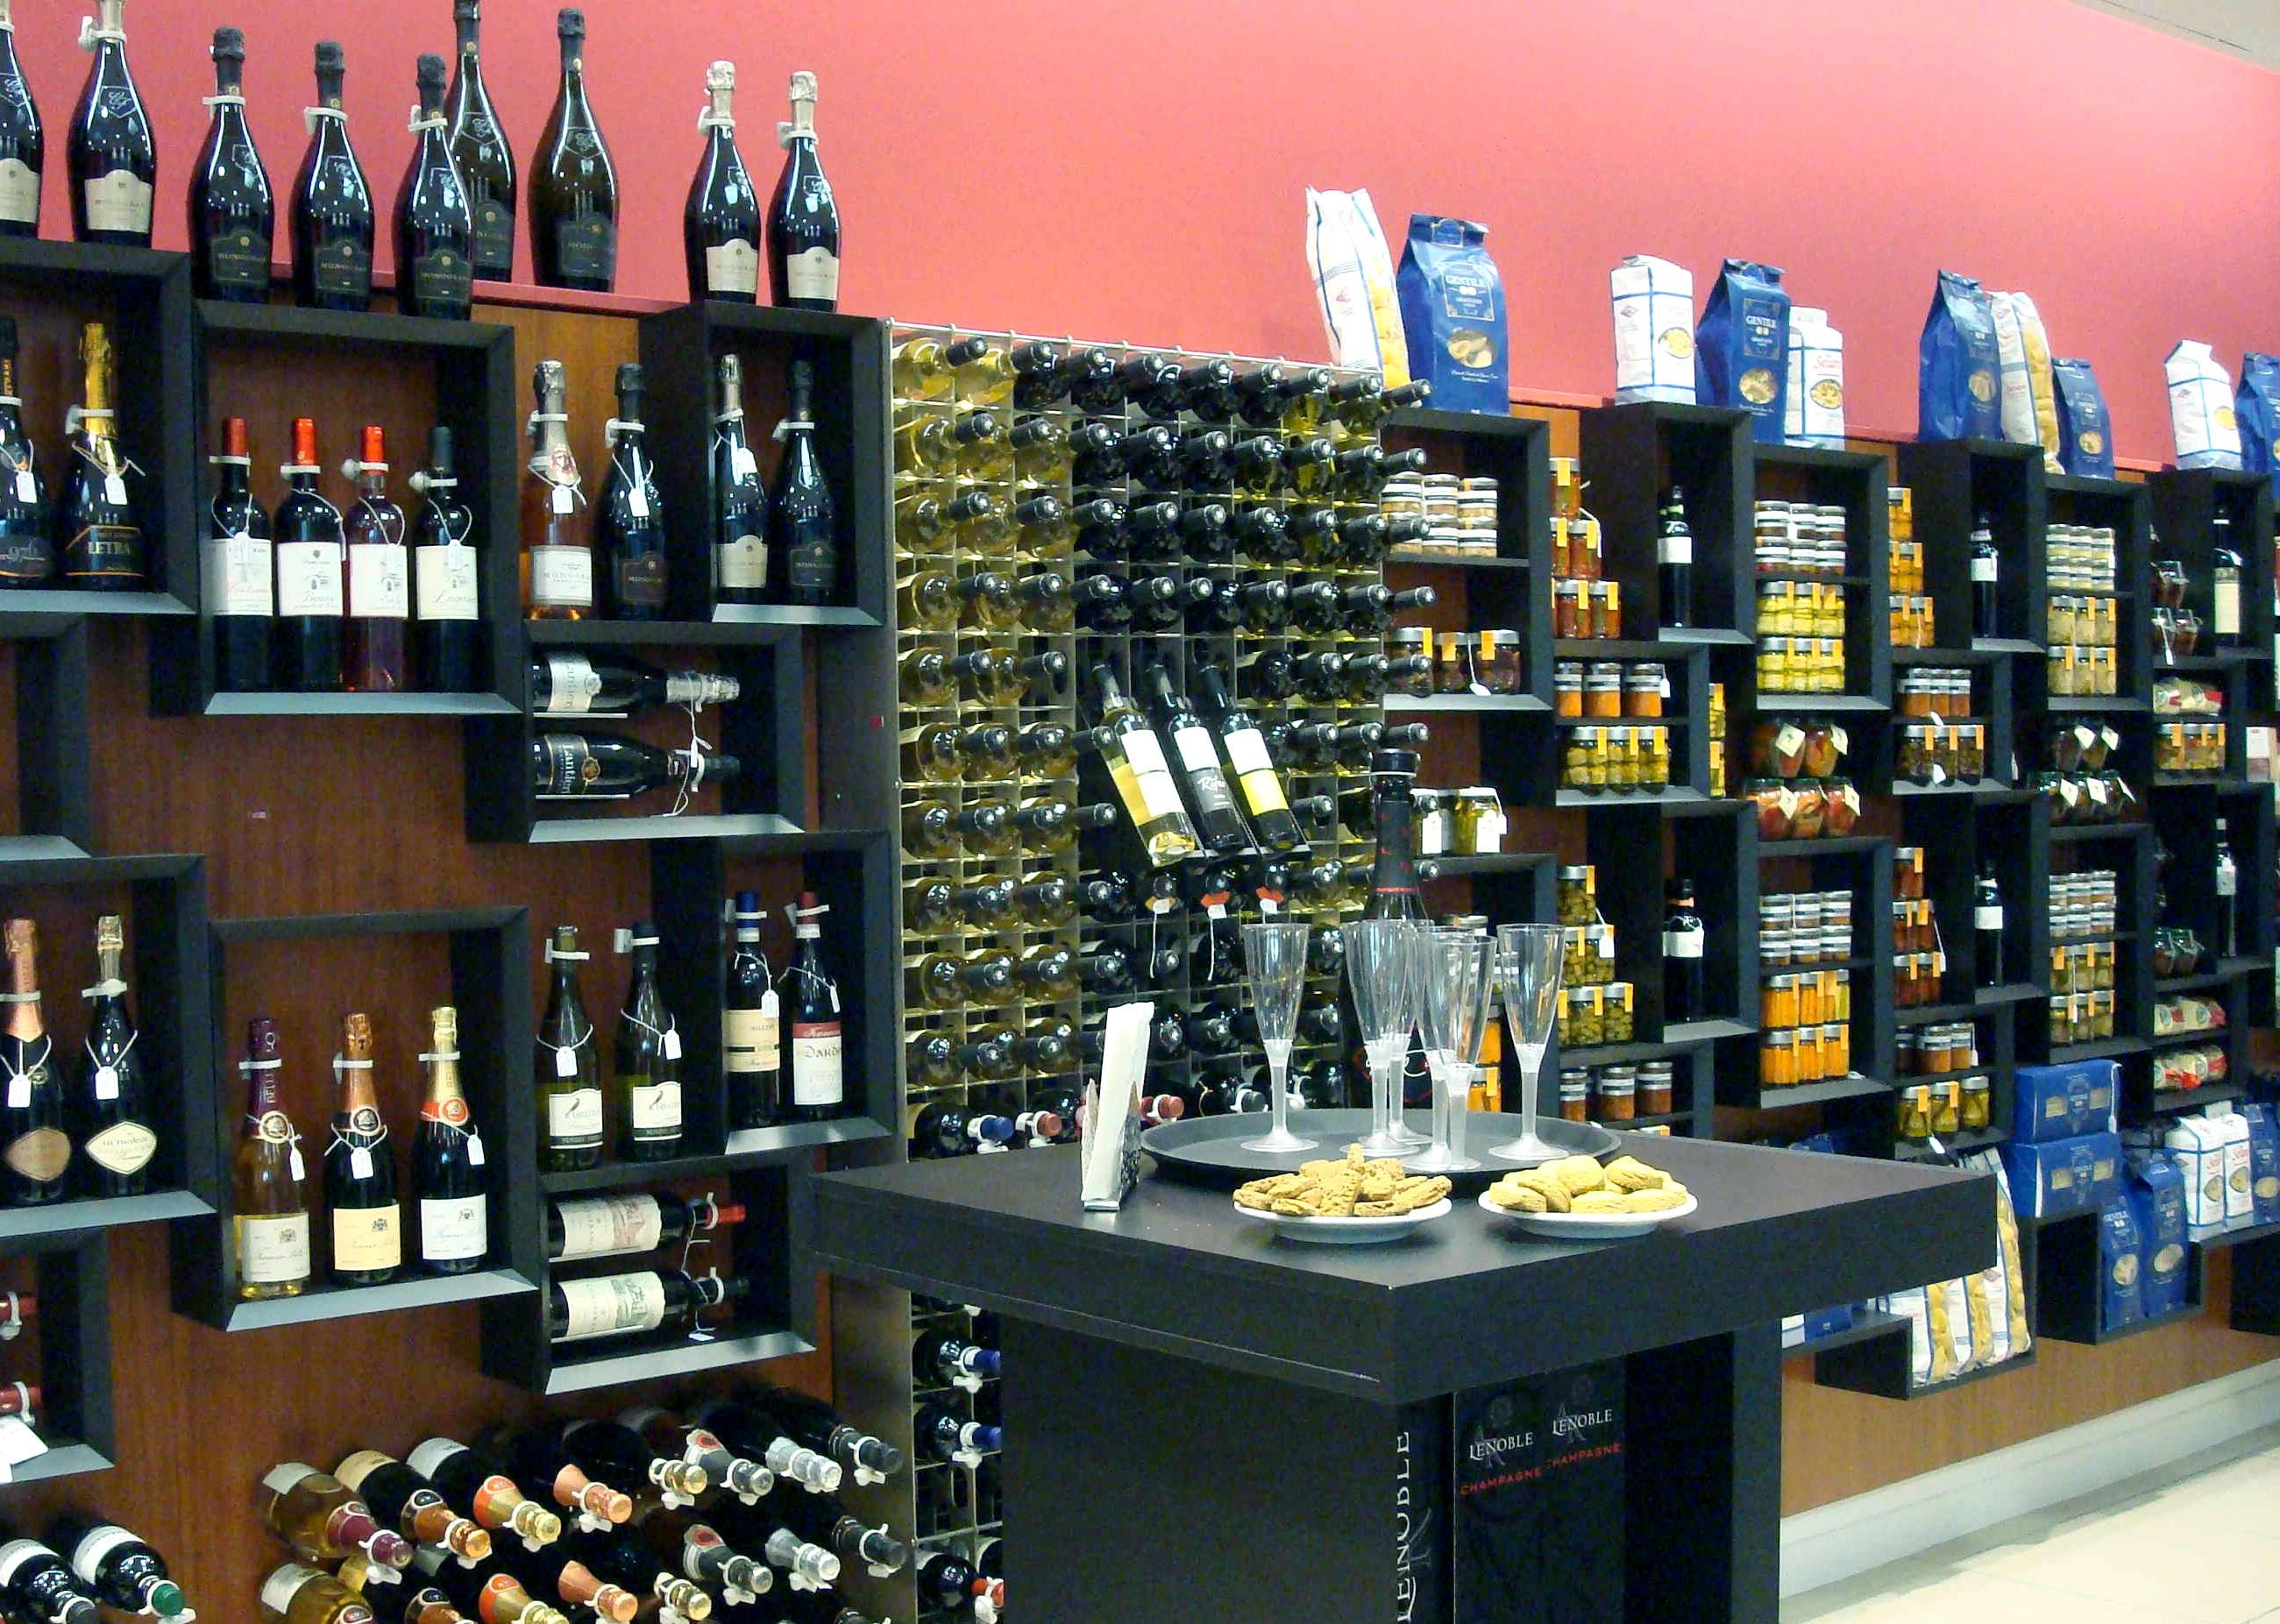 Esigo 5 wine rack botelleros estanter as de vino de - Estanterias de vino ...